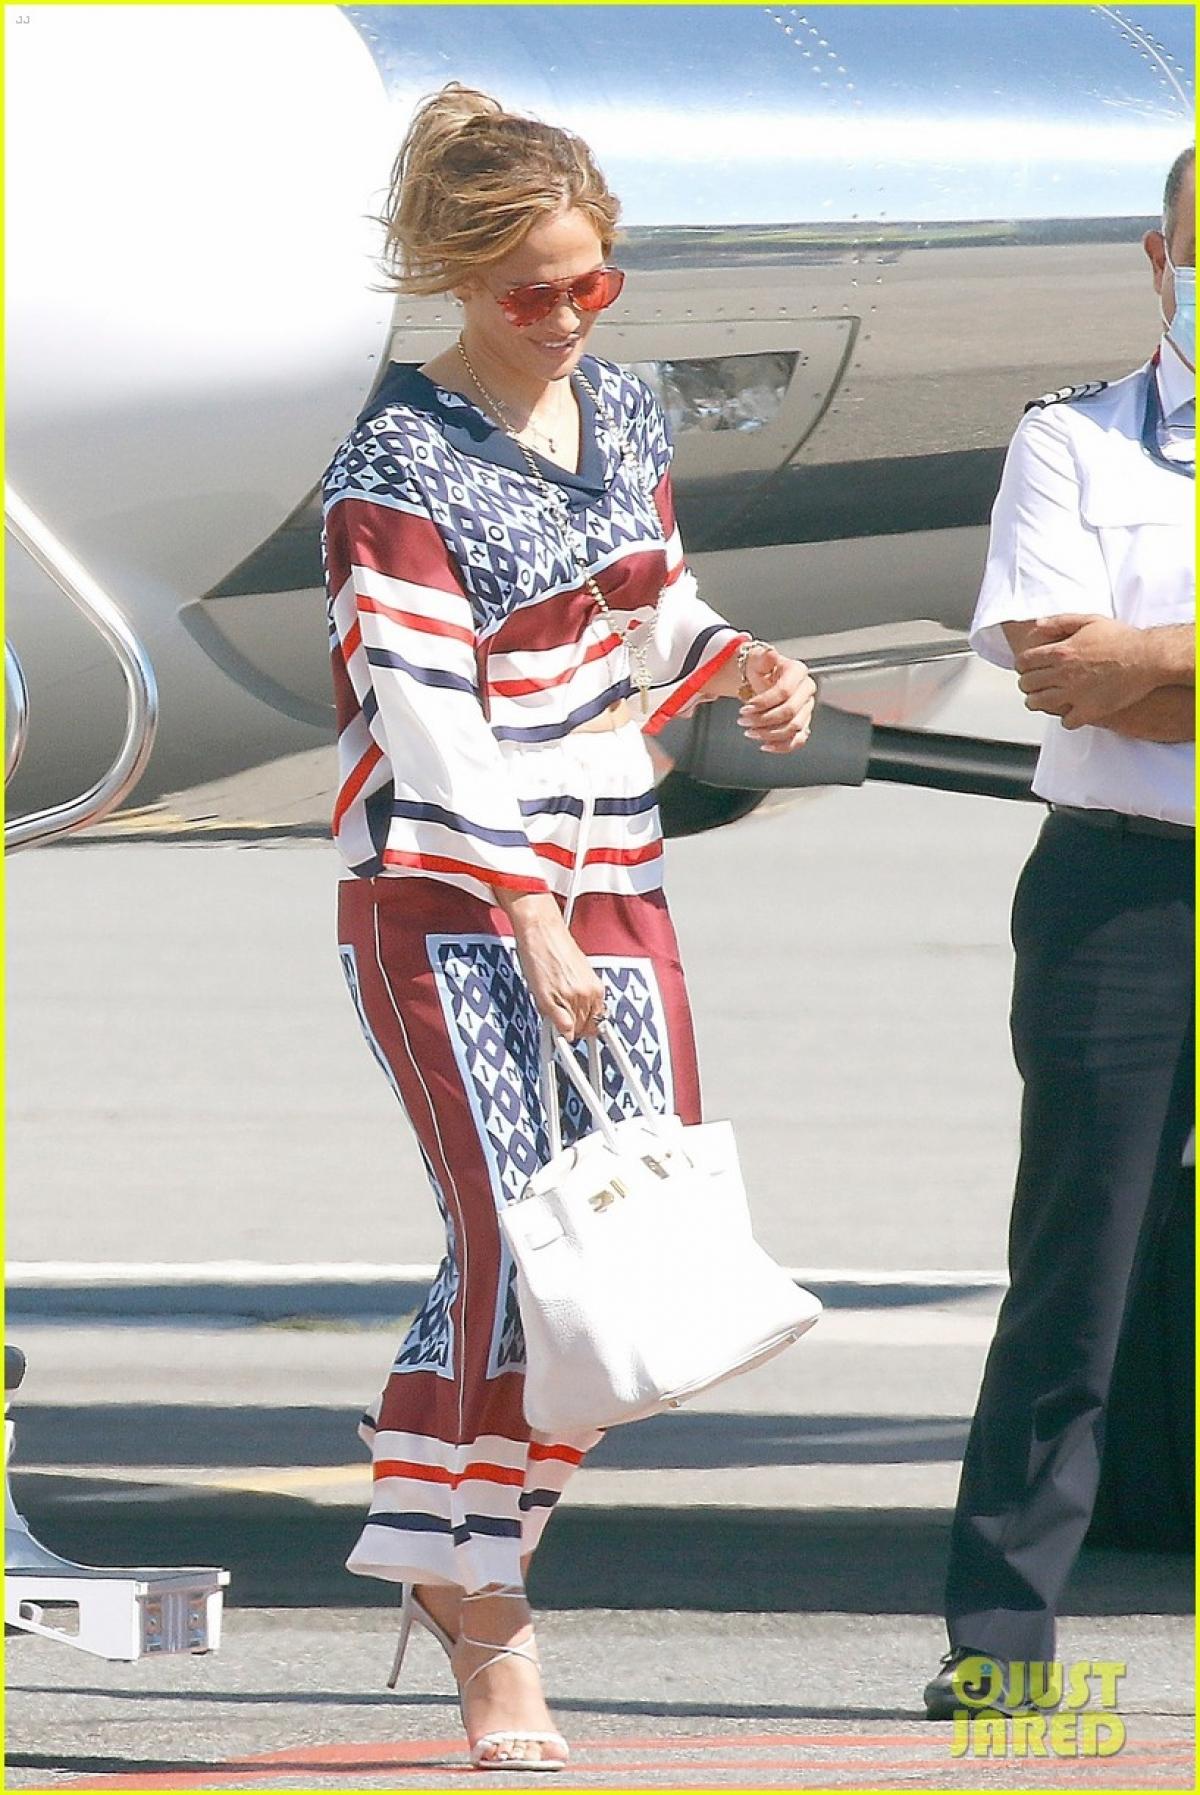 Jennifer Lopez đang tận hưởng chuỗi ngày hạnh phúc kể từ sau khi công khai tái hợp Ben Affleck.